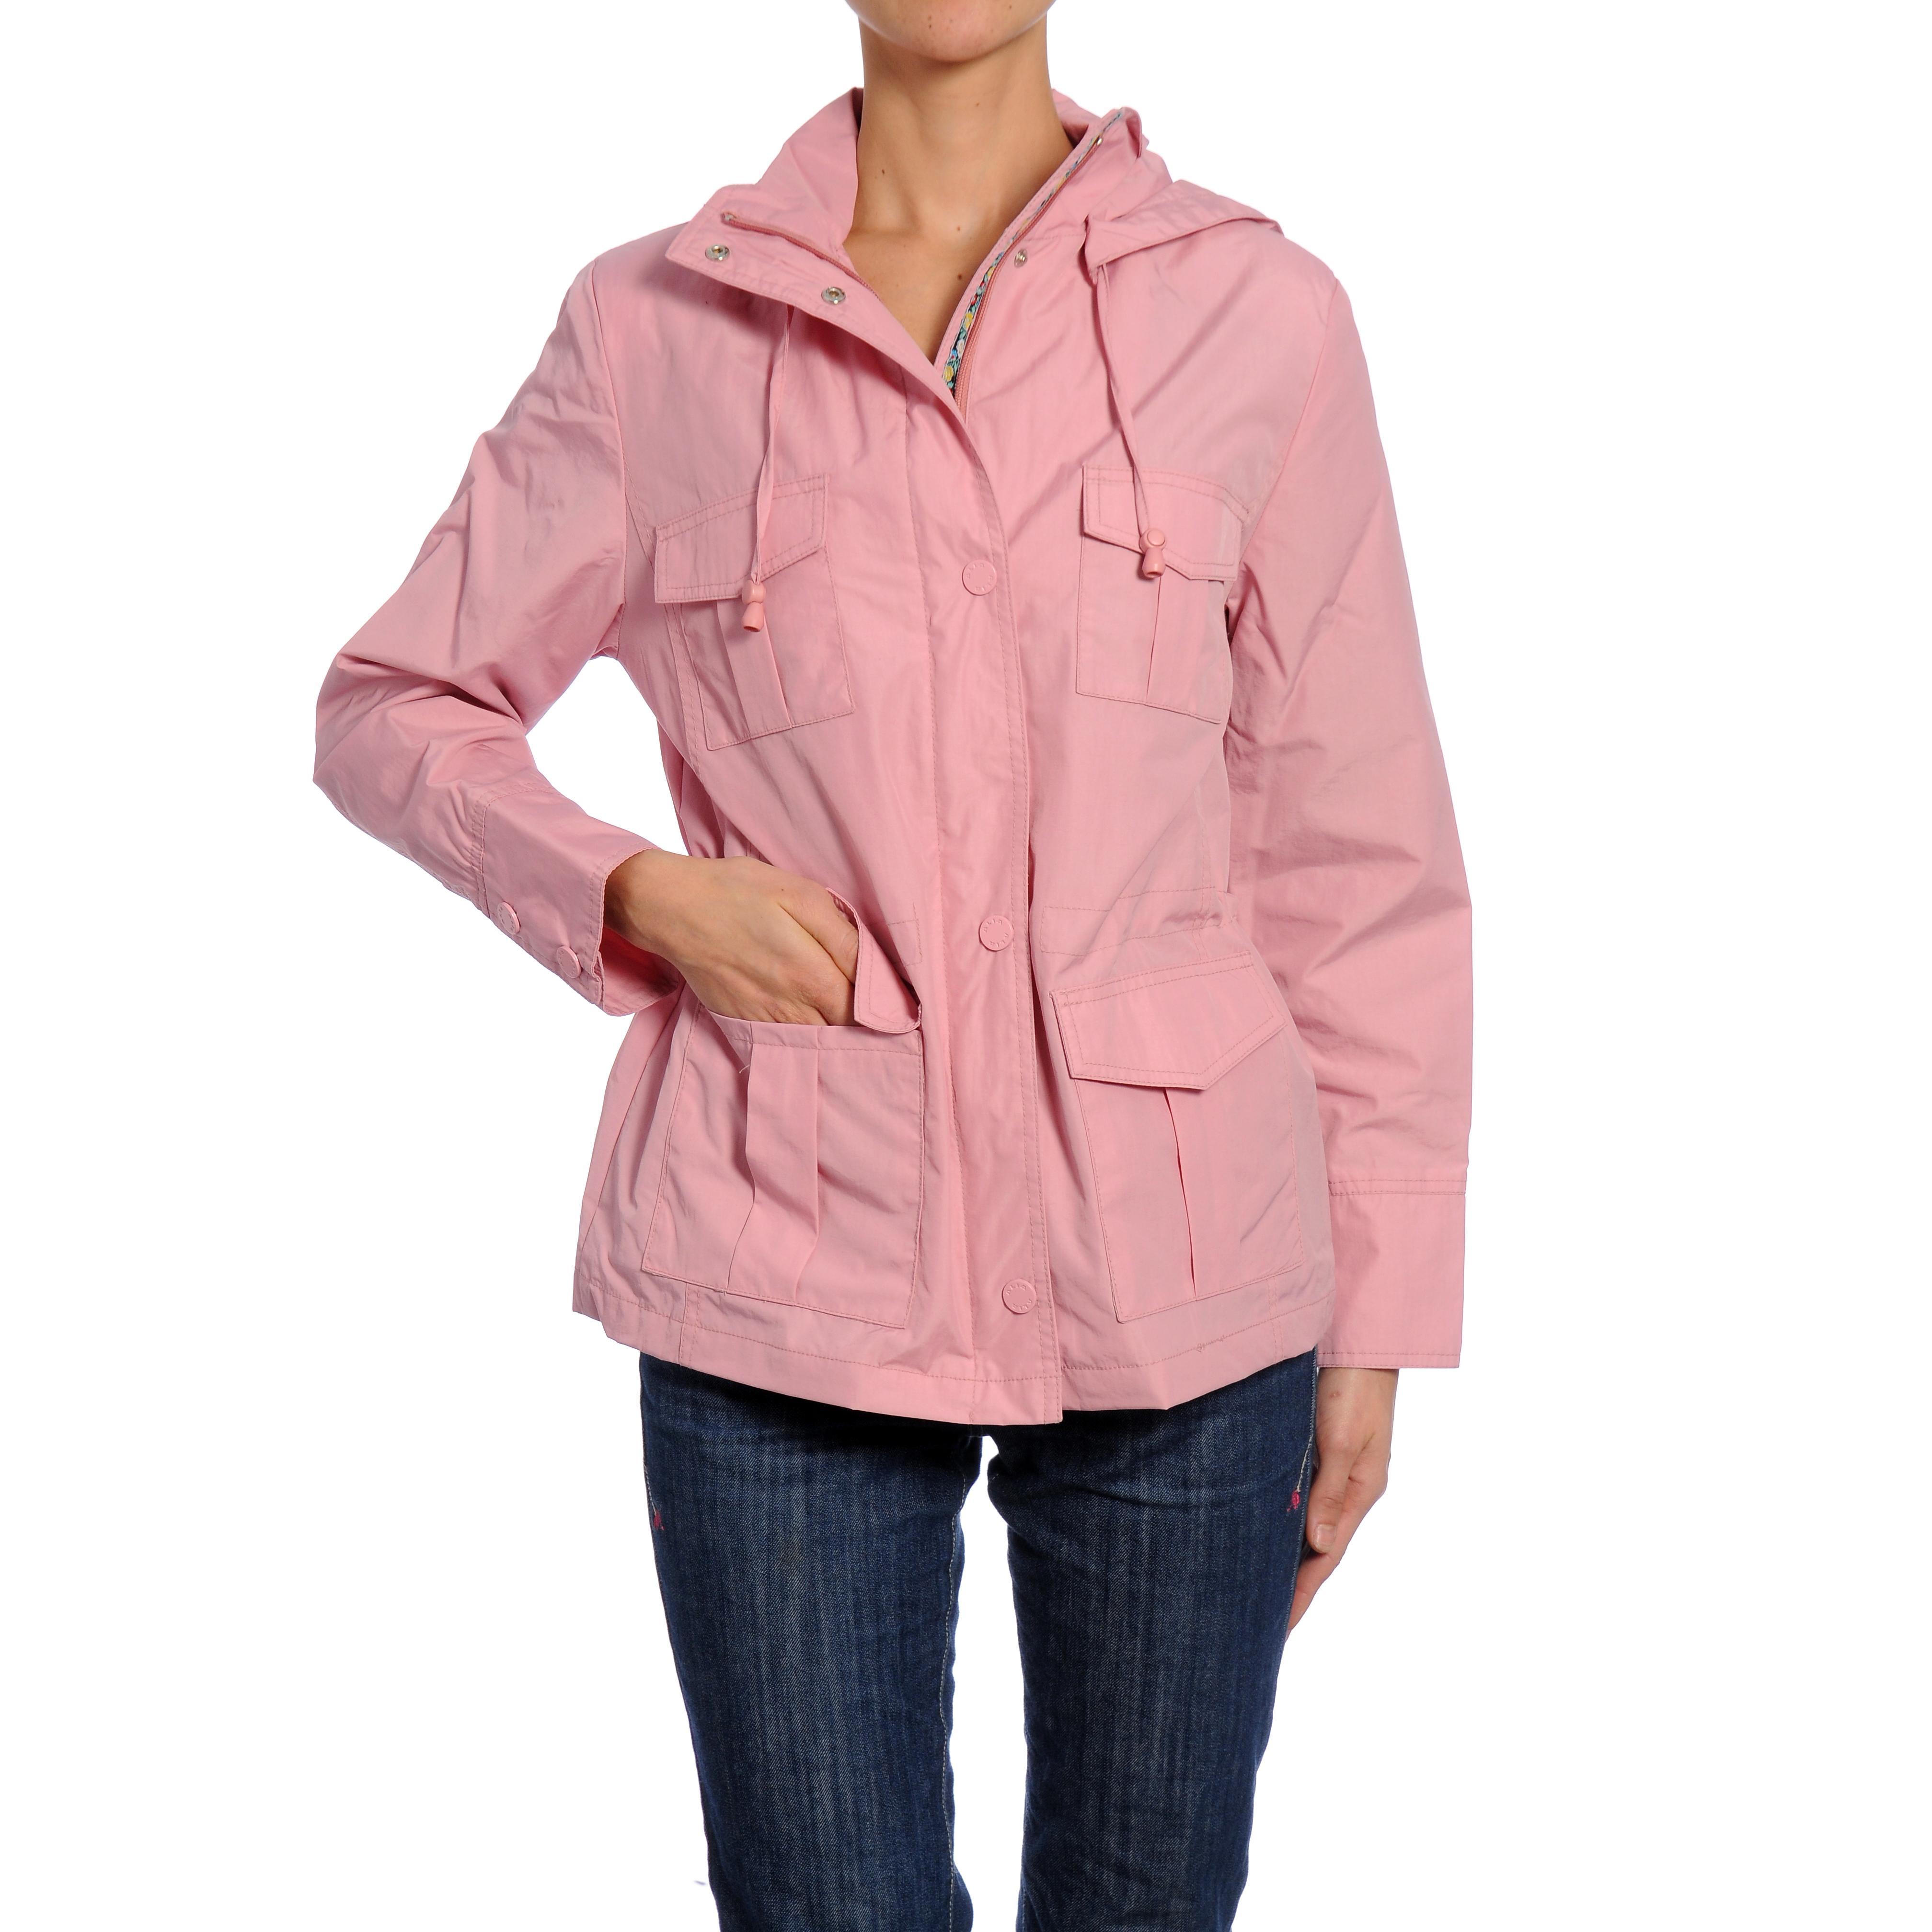 Women's Plus Size 'Taslyn' Hooded Jacket